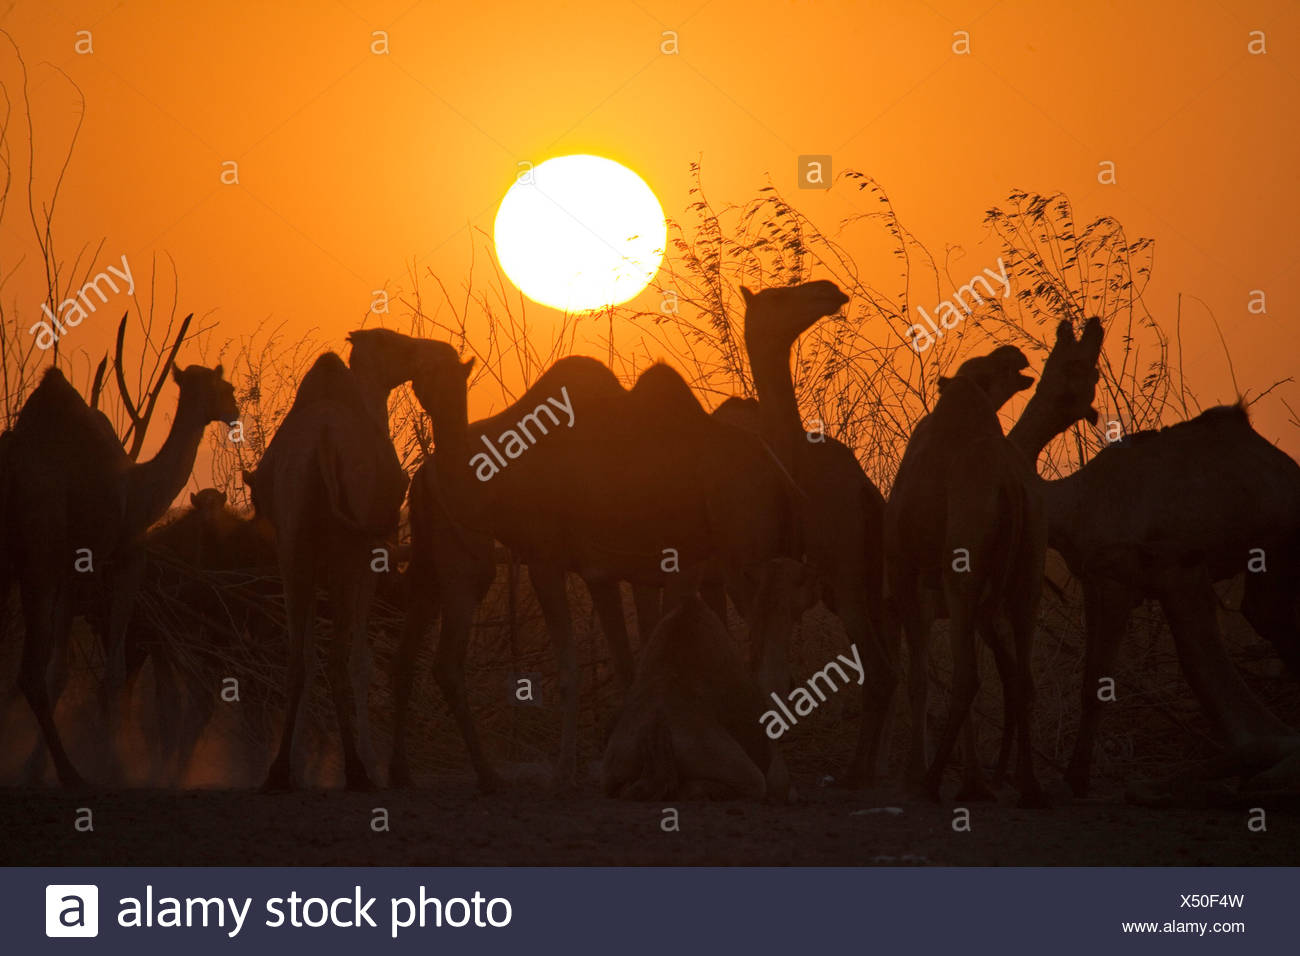 Los camellos, luz del atardecer, África, animales, Etiopía, sundown, puesta de sol, Imagen De Stock